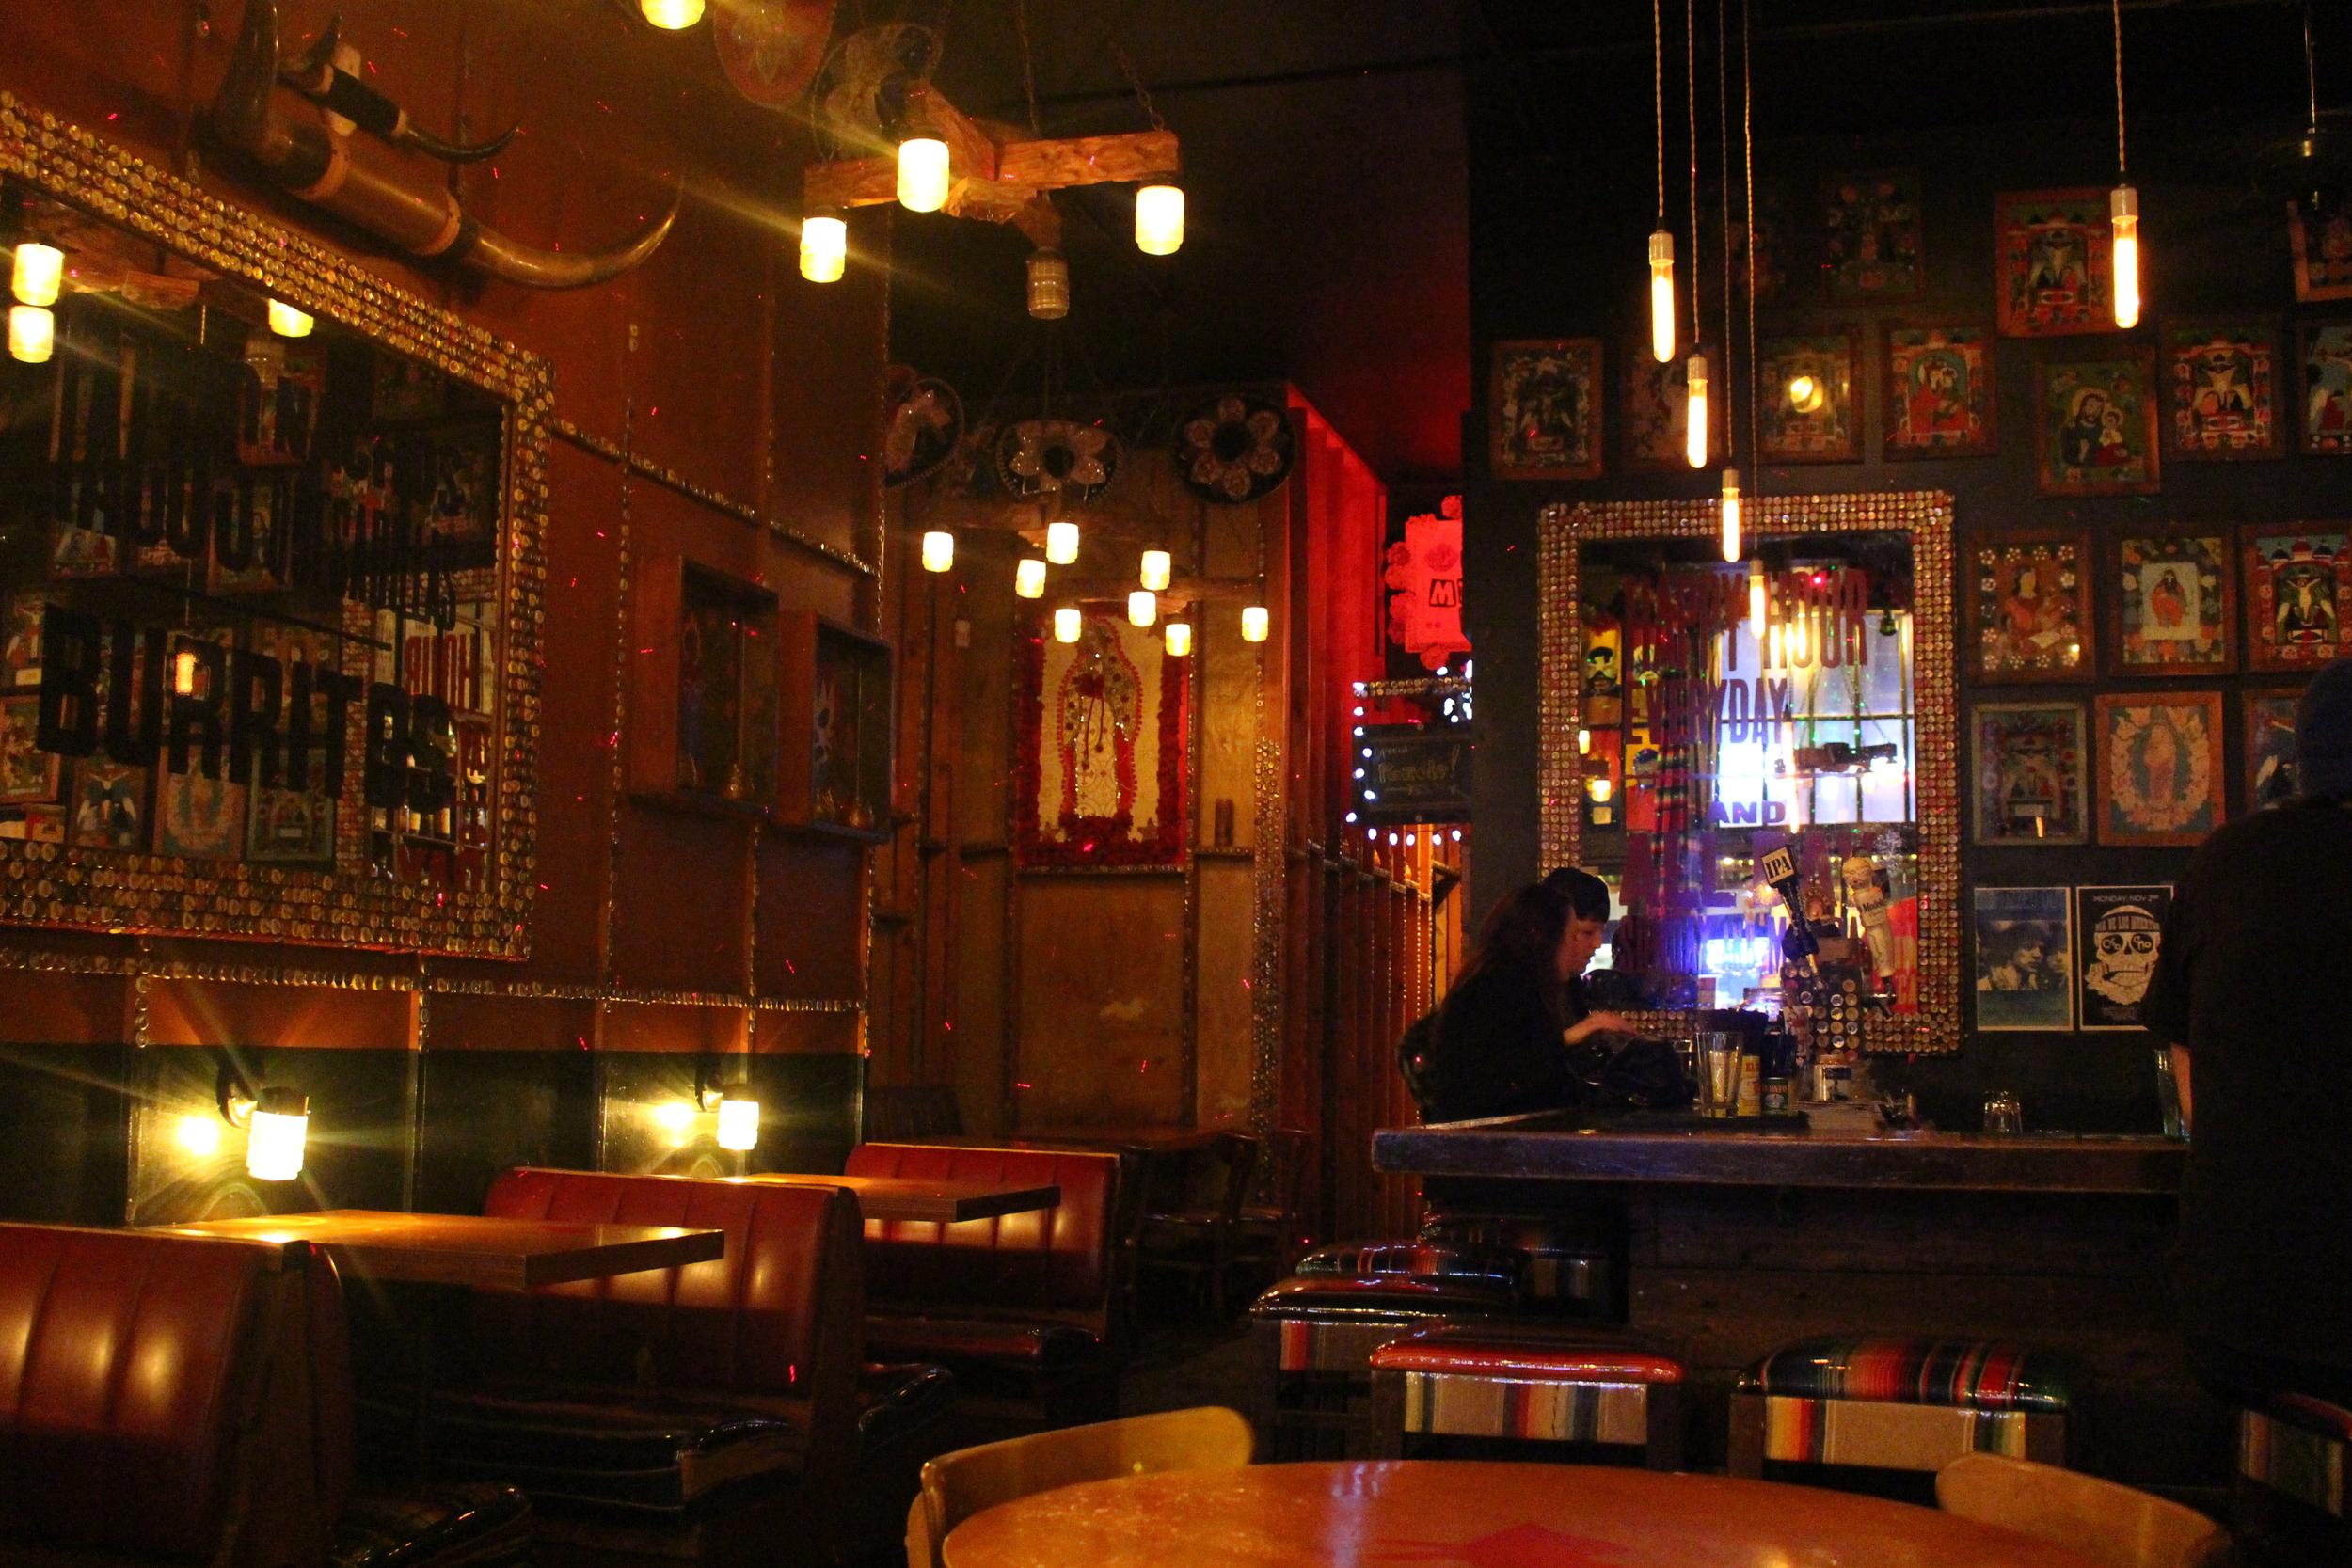 Bar tendance @ Capitol Hill, Seattle